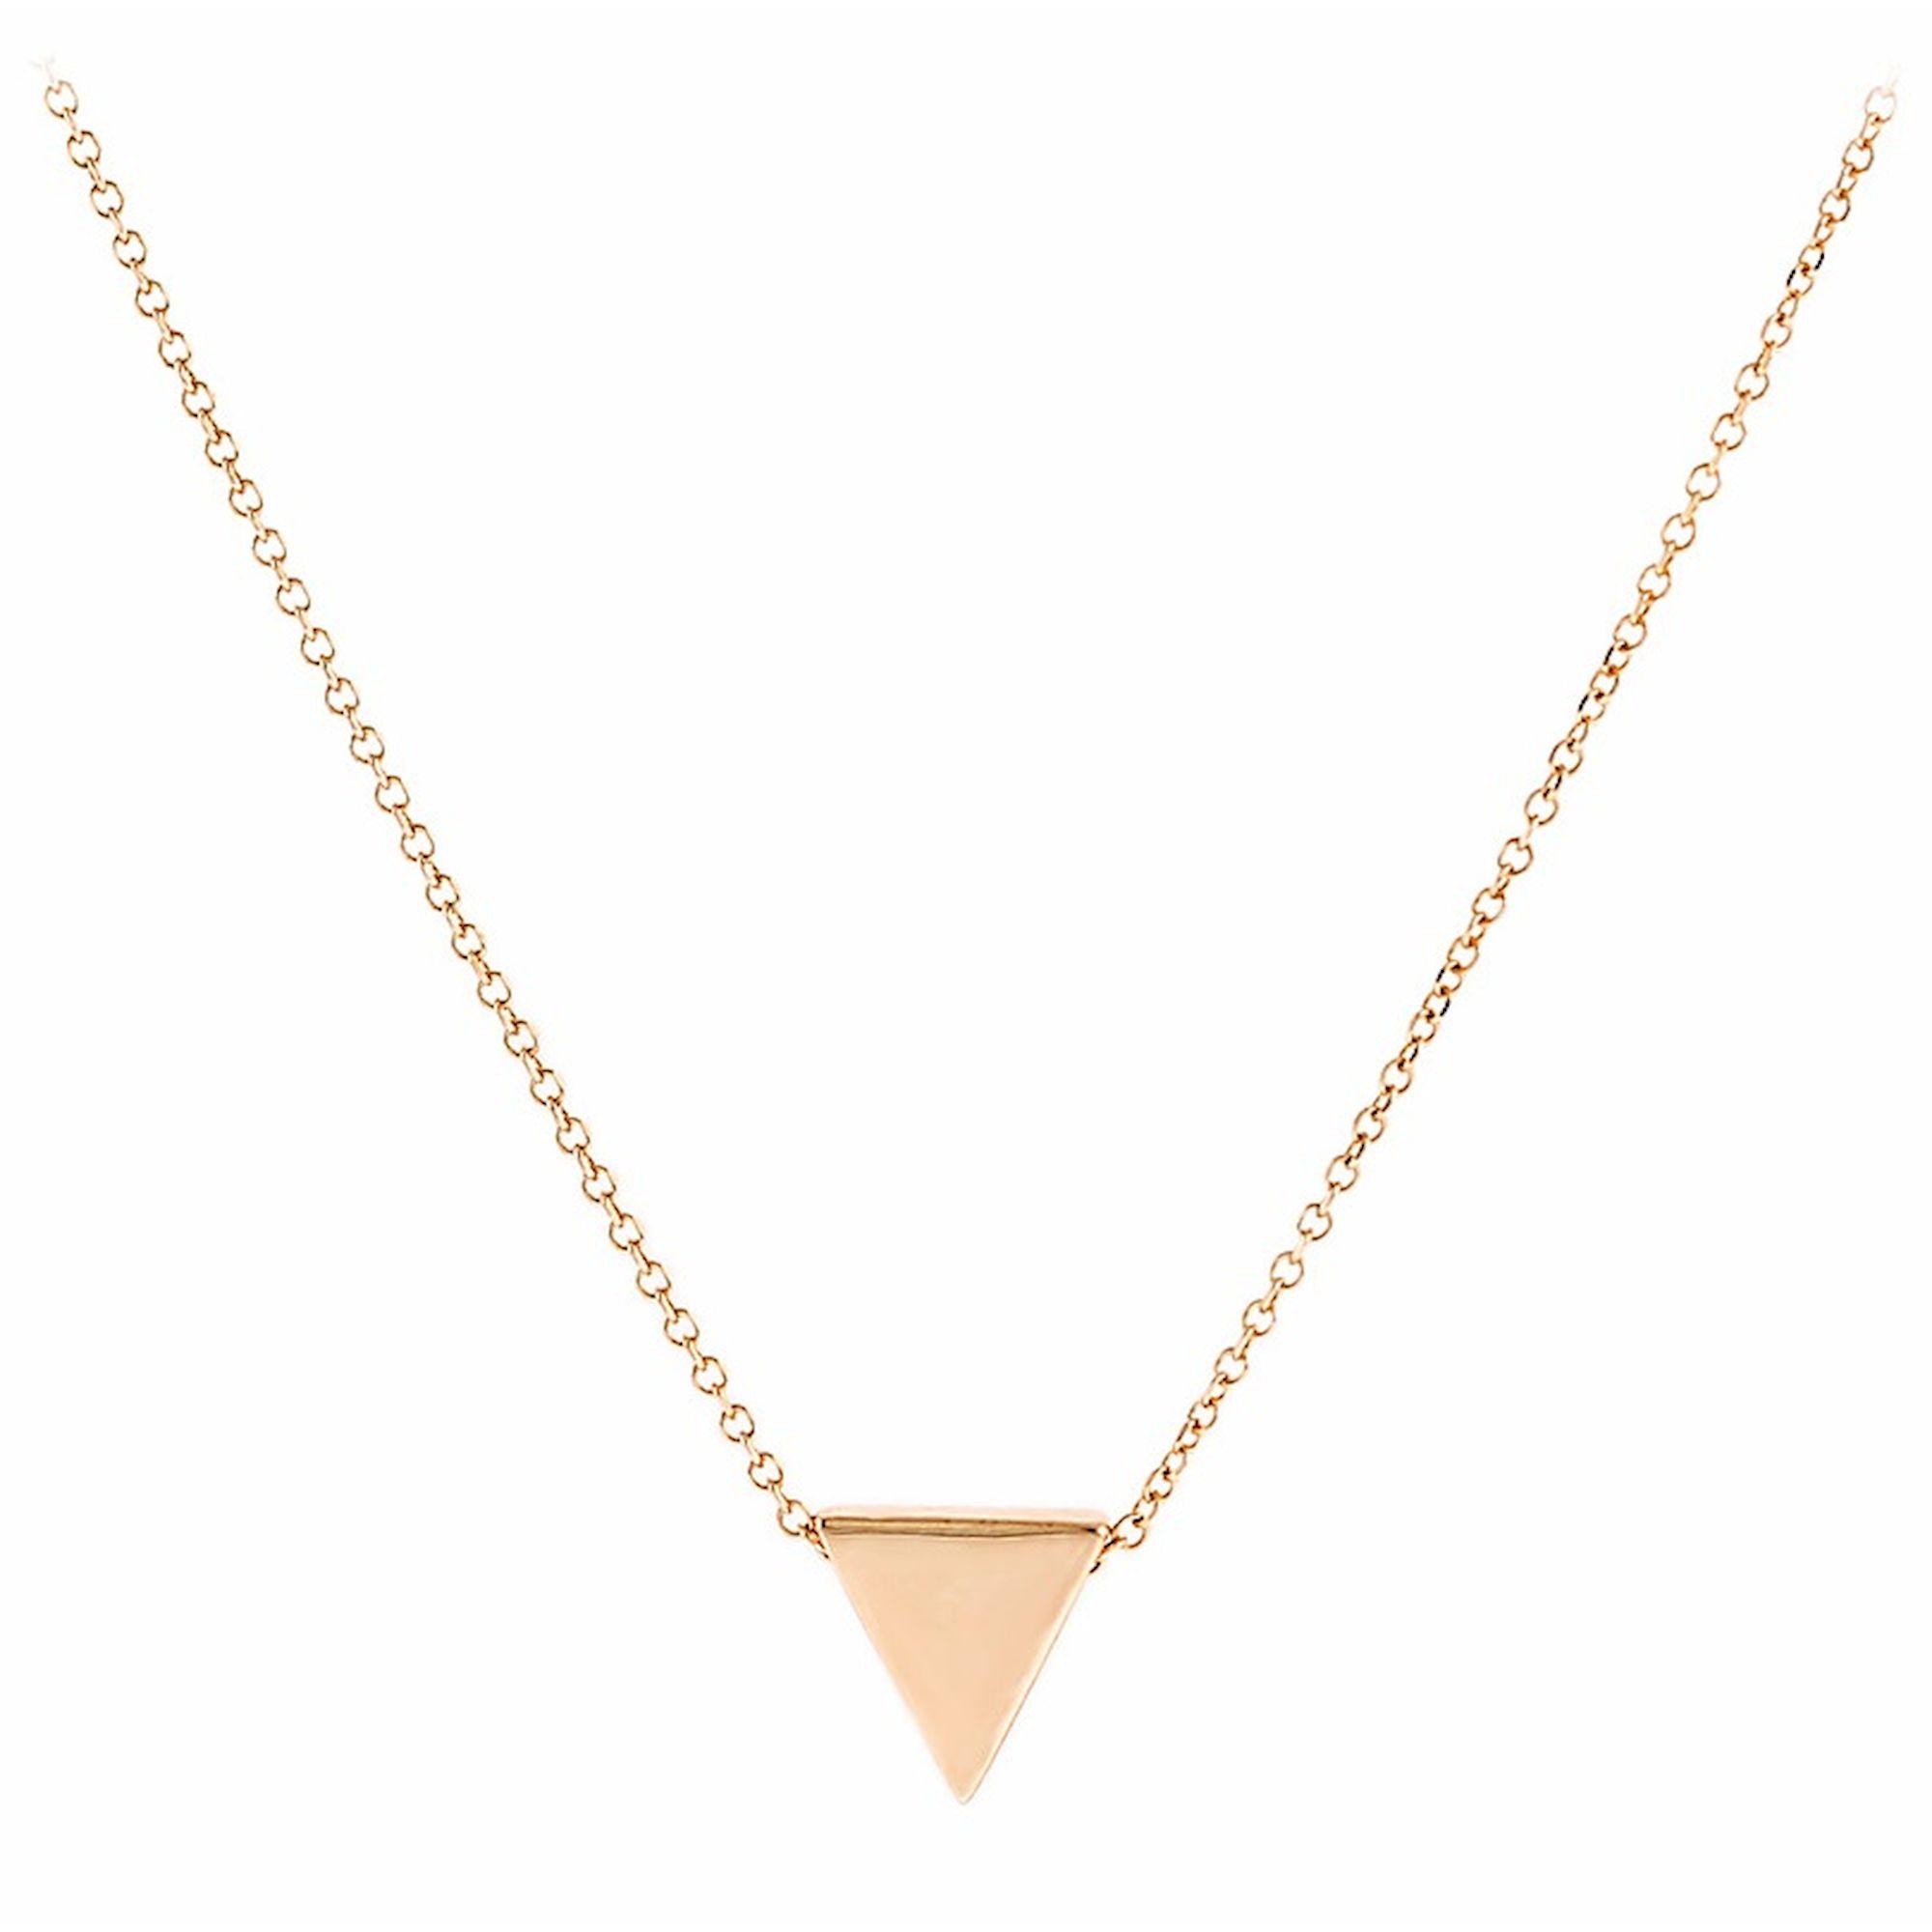 Κολιέ σε Ροζ Χρυσό με Τρίγωνο, Κολιέ 9 Καρατίων, χρυσό κόσμημα, κολιέ, κόσμημα, Δωρεάν μεταφορικά